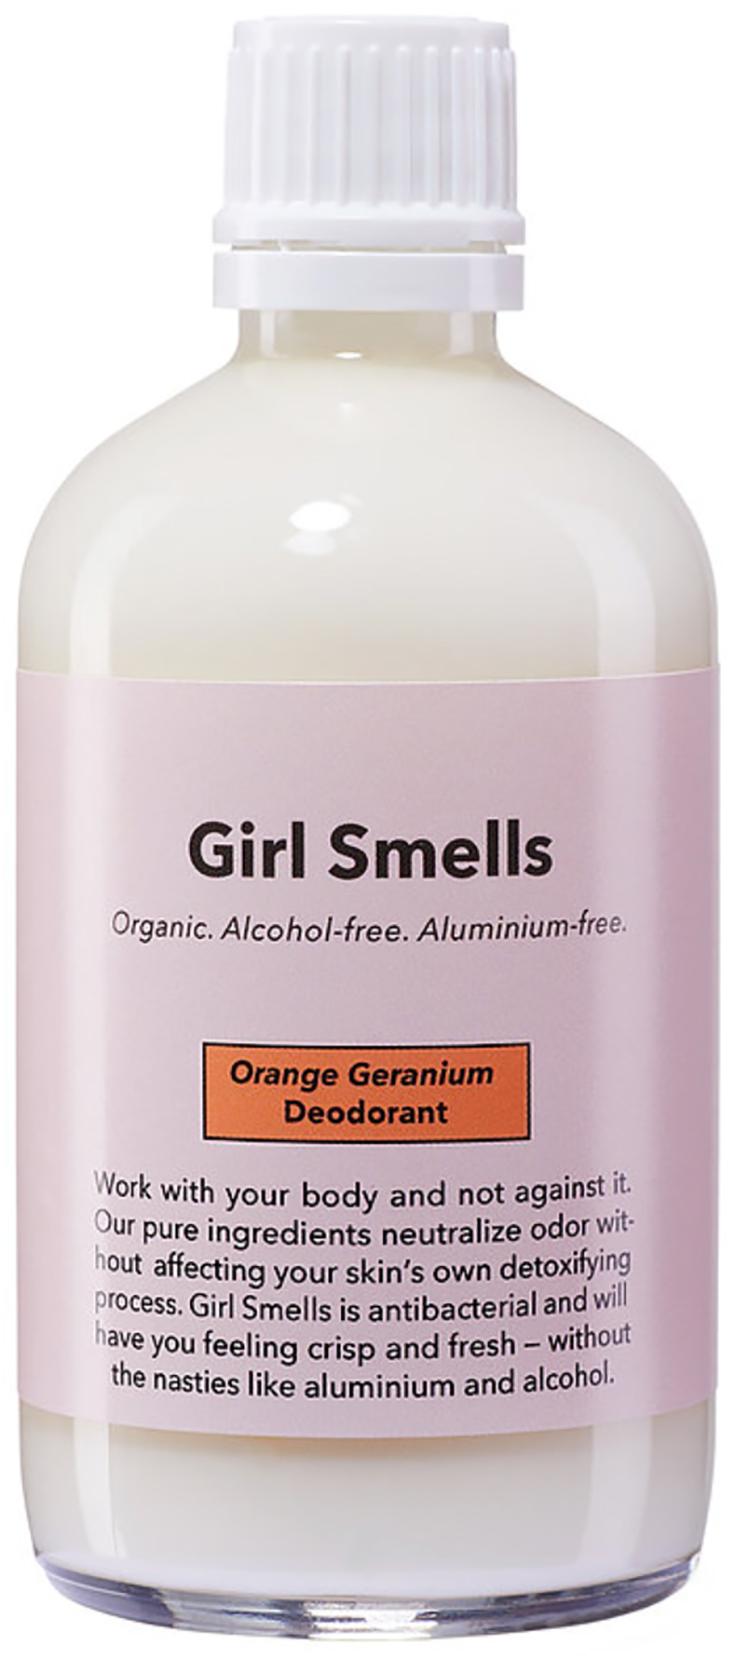 Girl Smells – Natürliches Deodorant ohne Aluminium und Alkohol: Refiill für Deodorant Roll-Ons und Deosprays